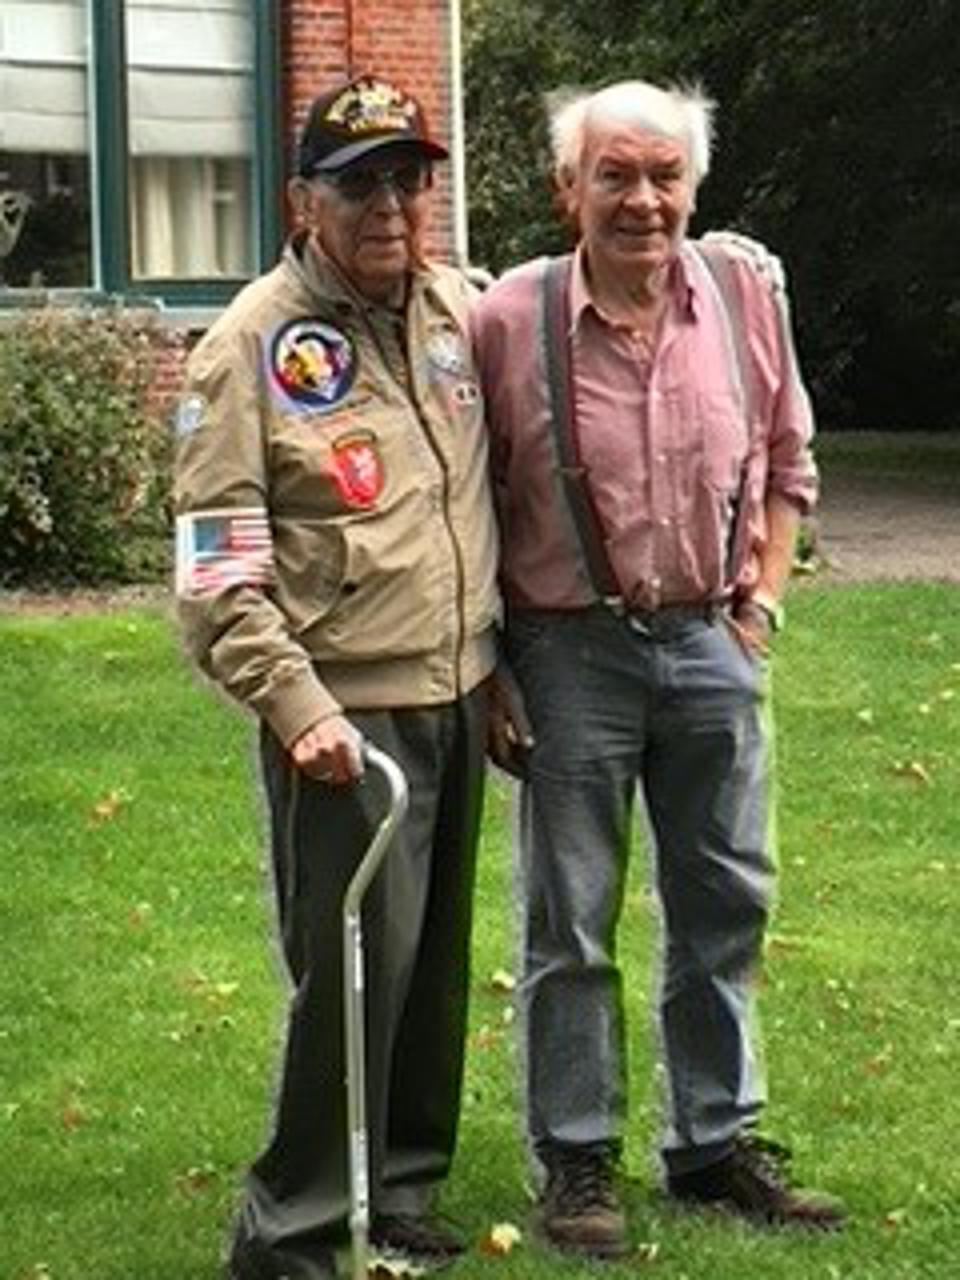 Wan van Overveld Dutch Eyewitness & US Veteran of Operation Market Garden.